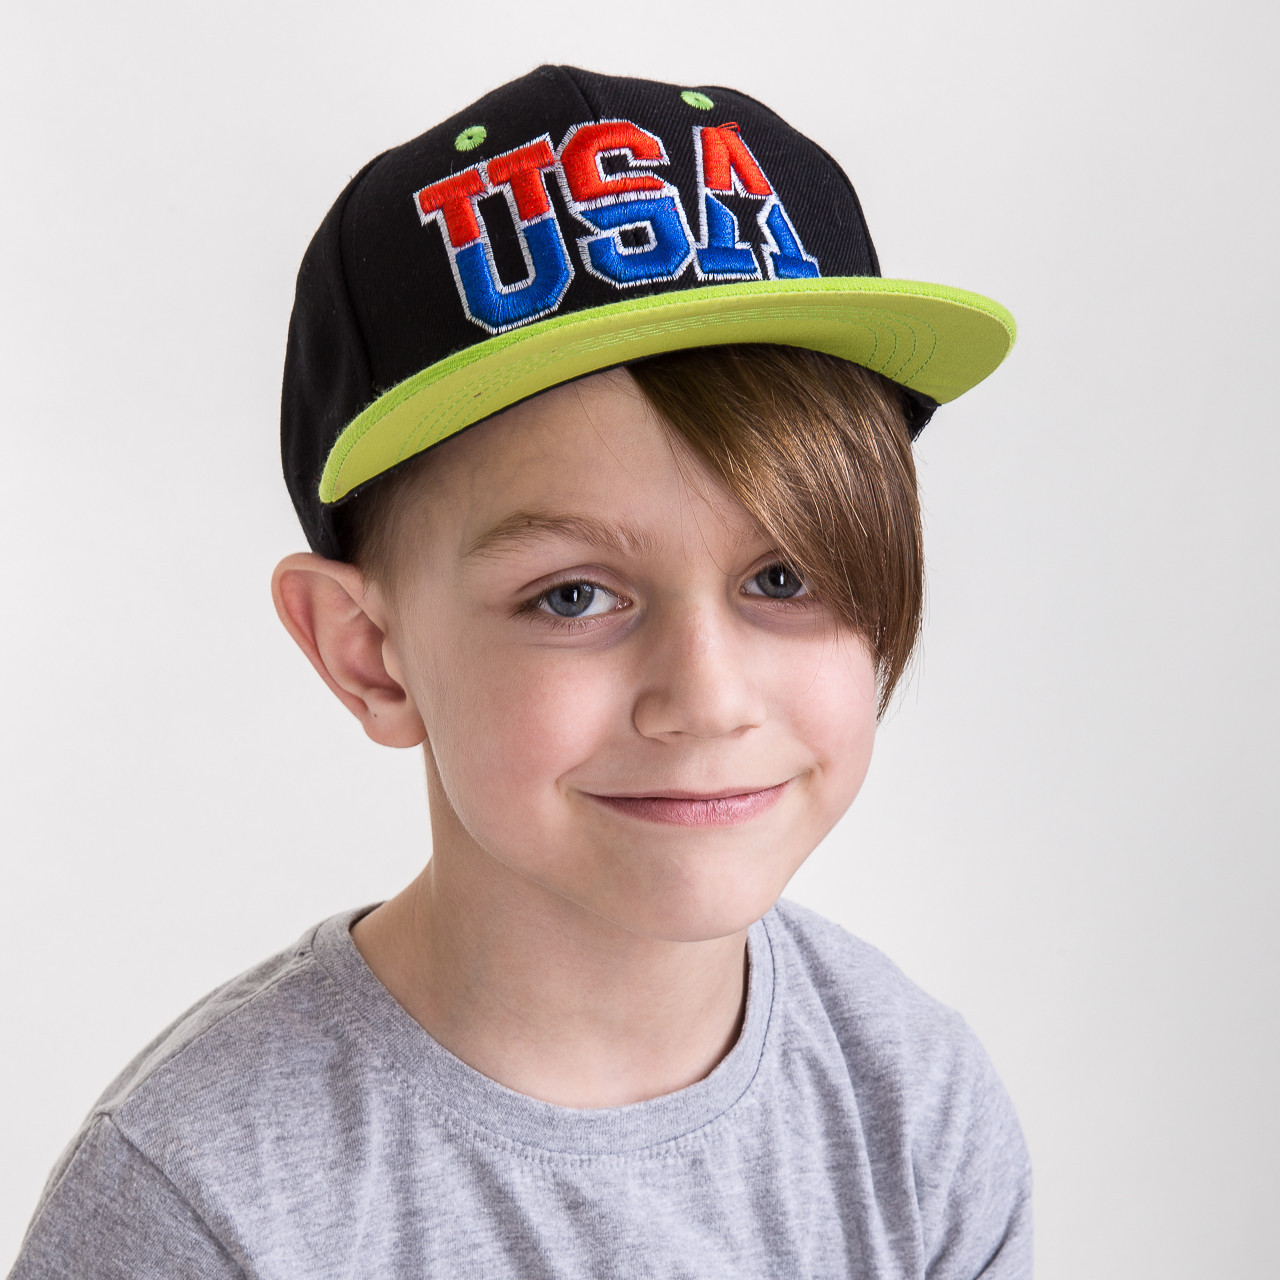 Кепка Snapback для мальчика от производителя - USA - Б13 1